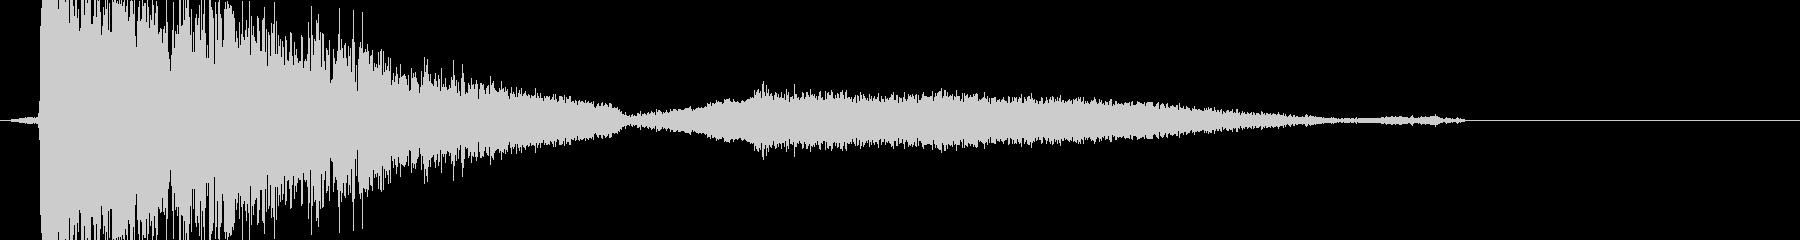 ガシャーン(割れて消える音)の未再生の波形